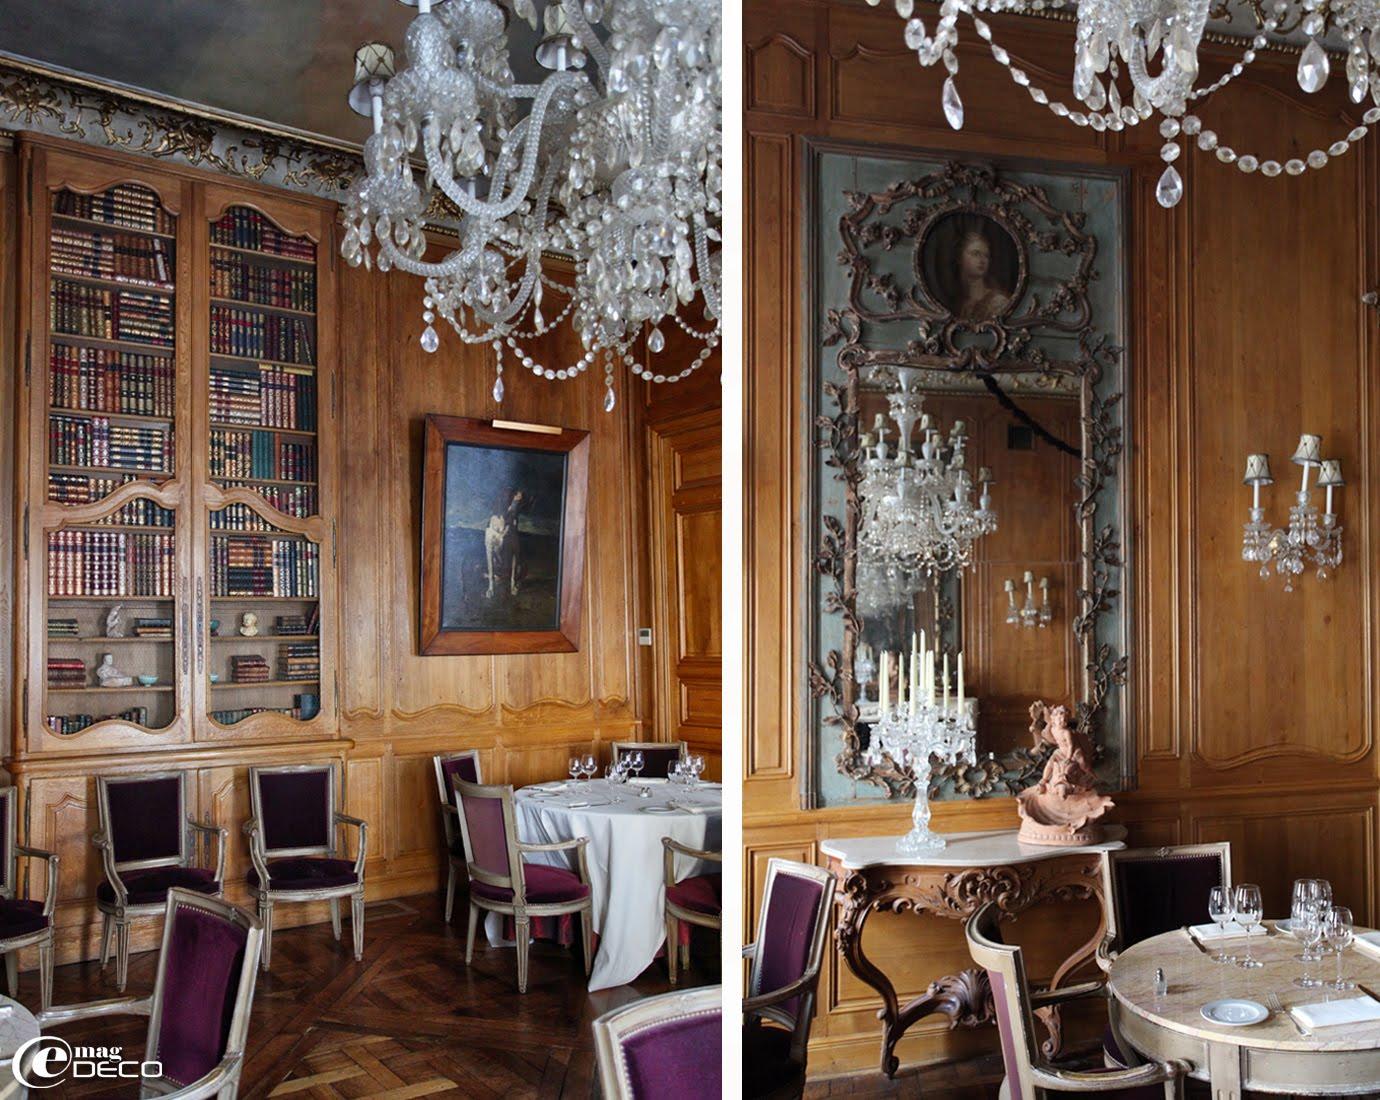 Le salon La Fayette dans le restaurant 1728 à Paris